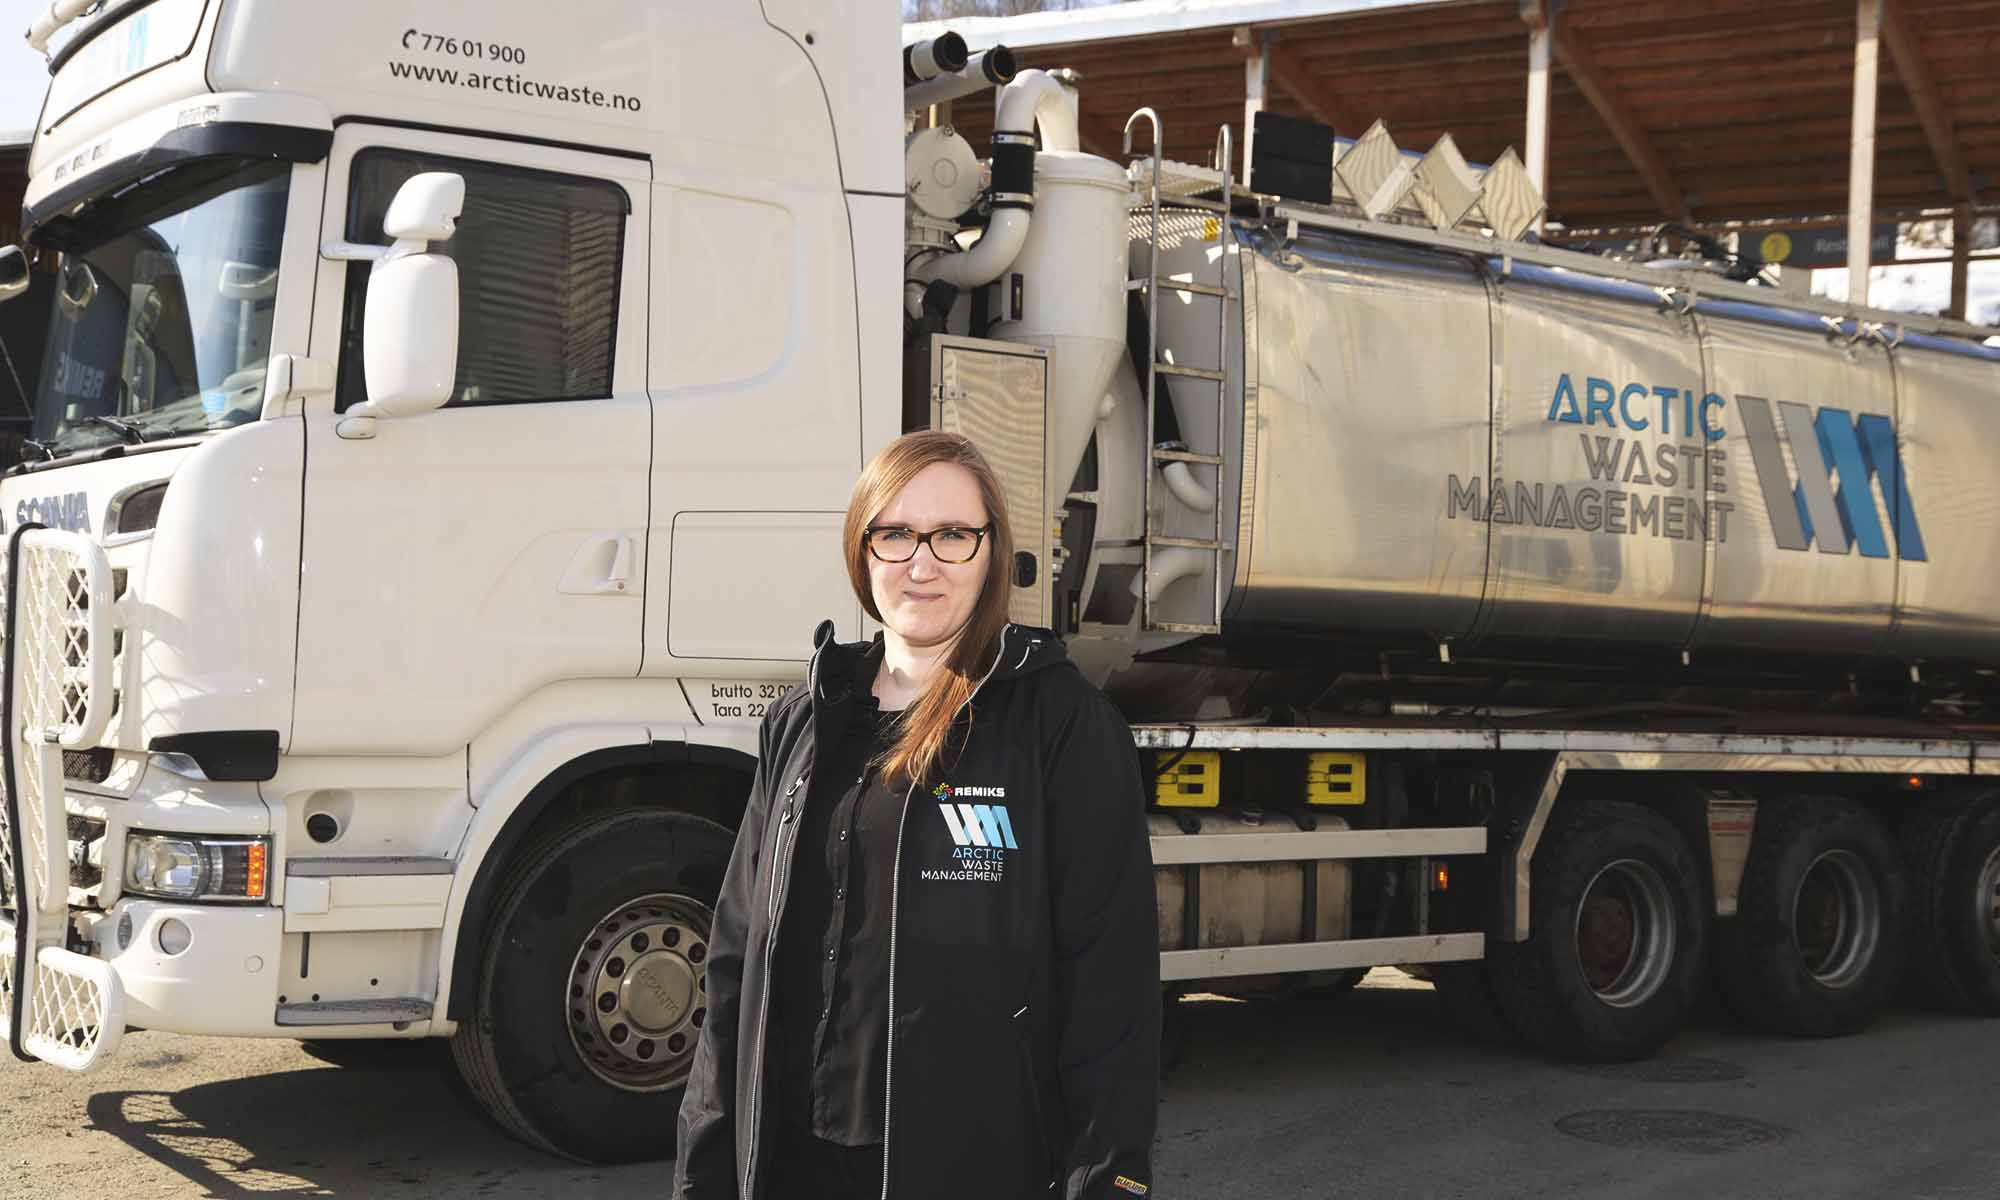 Daglig leder Liselotte Paulsen har all grunn til å være tilfreds både med utviklingen som Arctic Waste Management har, og omdømmet de har bygget opp.